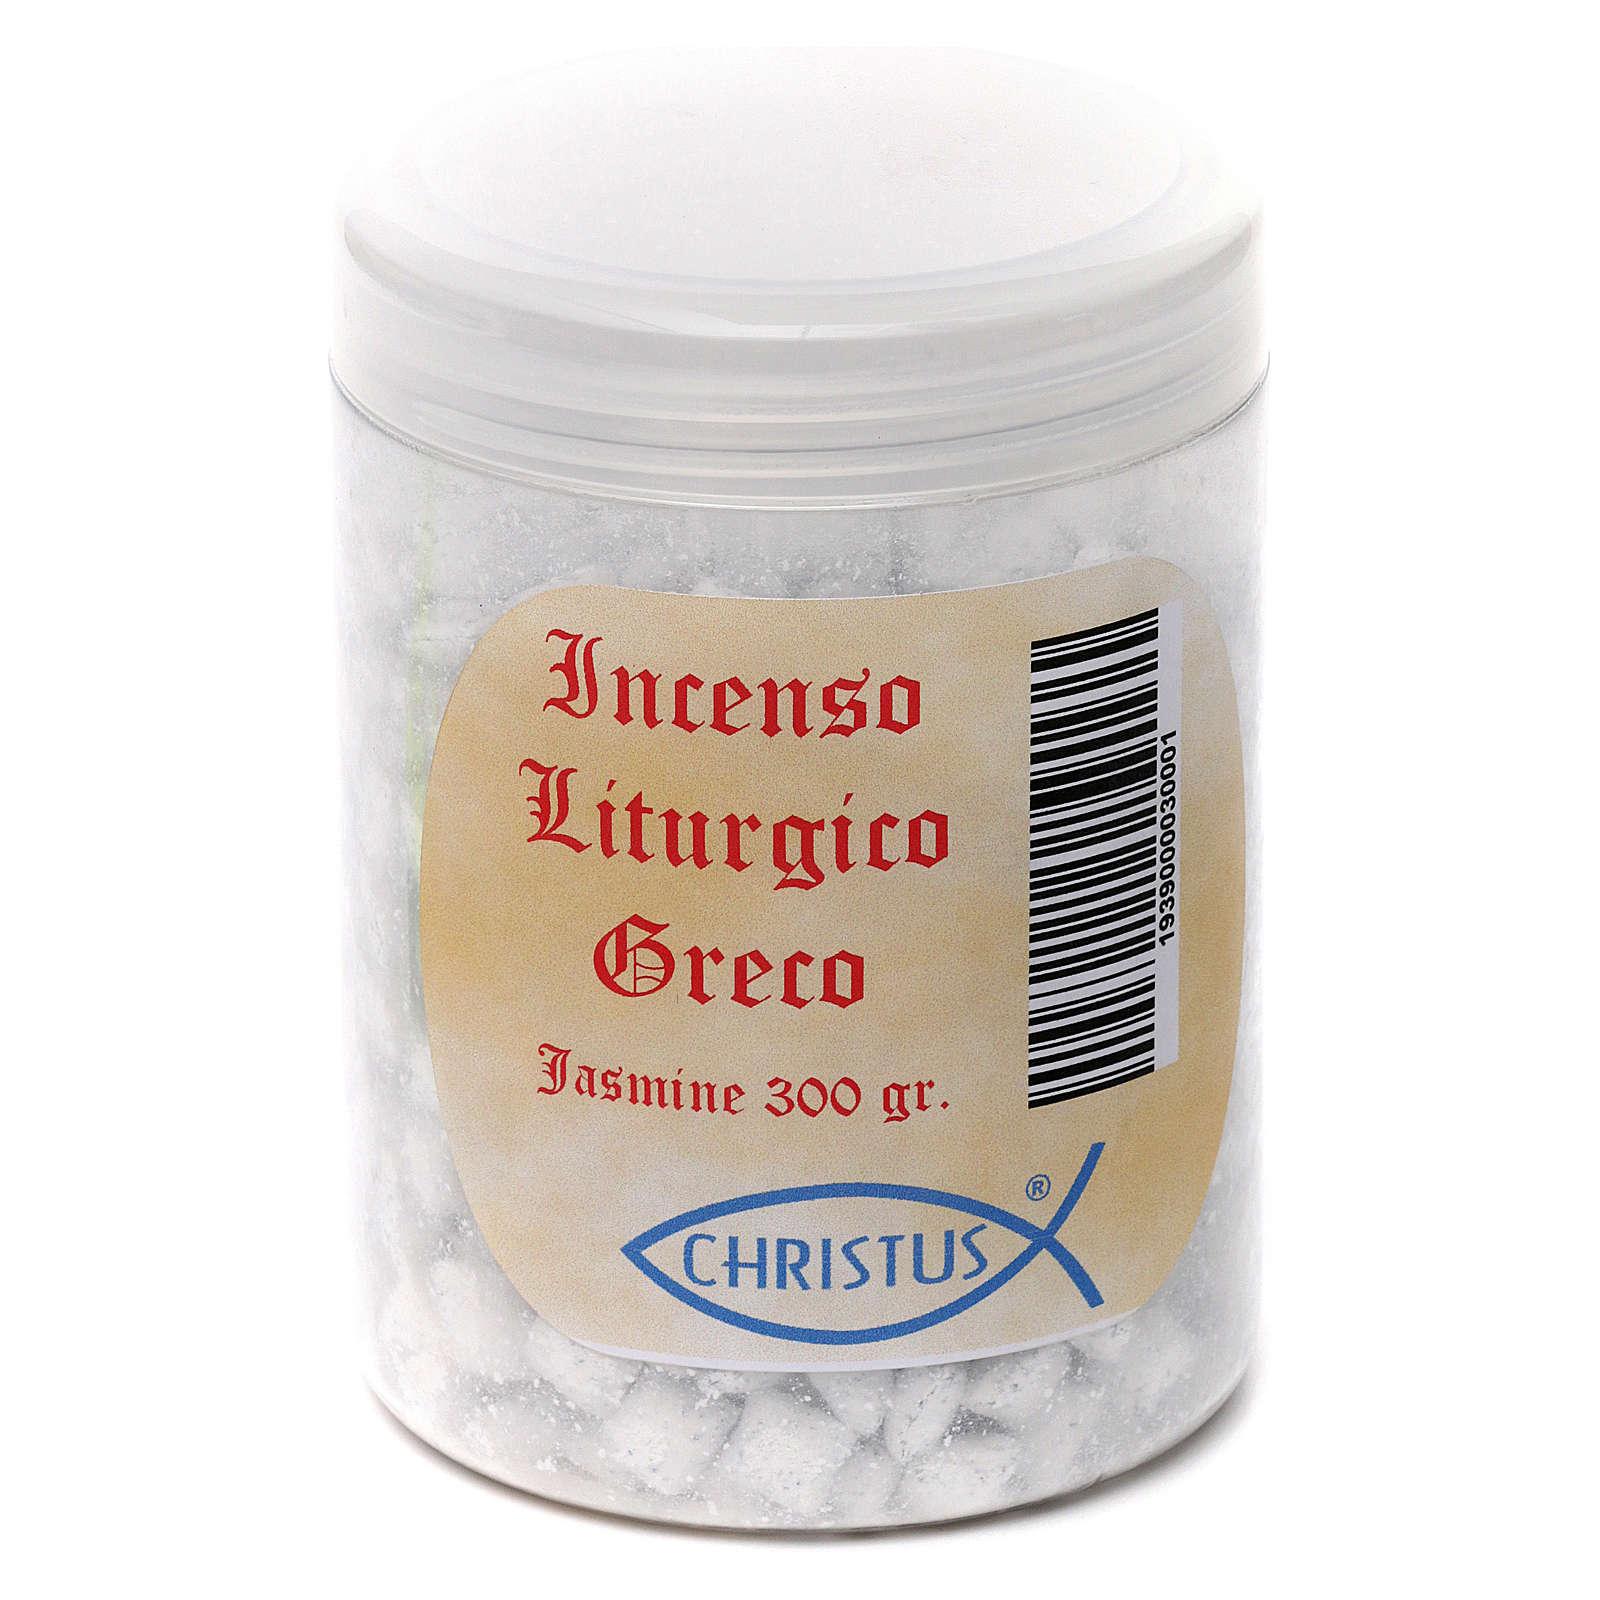 Incenso liturgico Greco 300 gr Jasmine 3